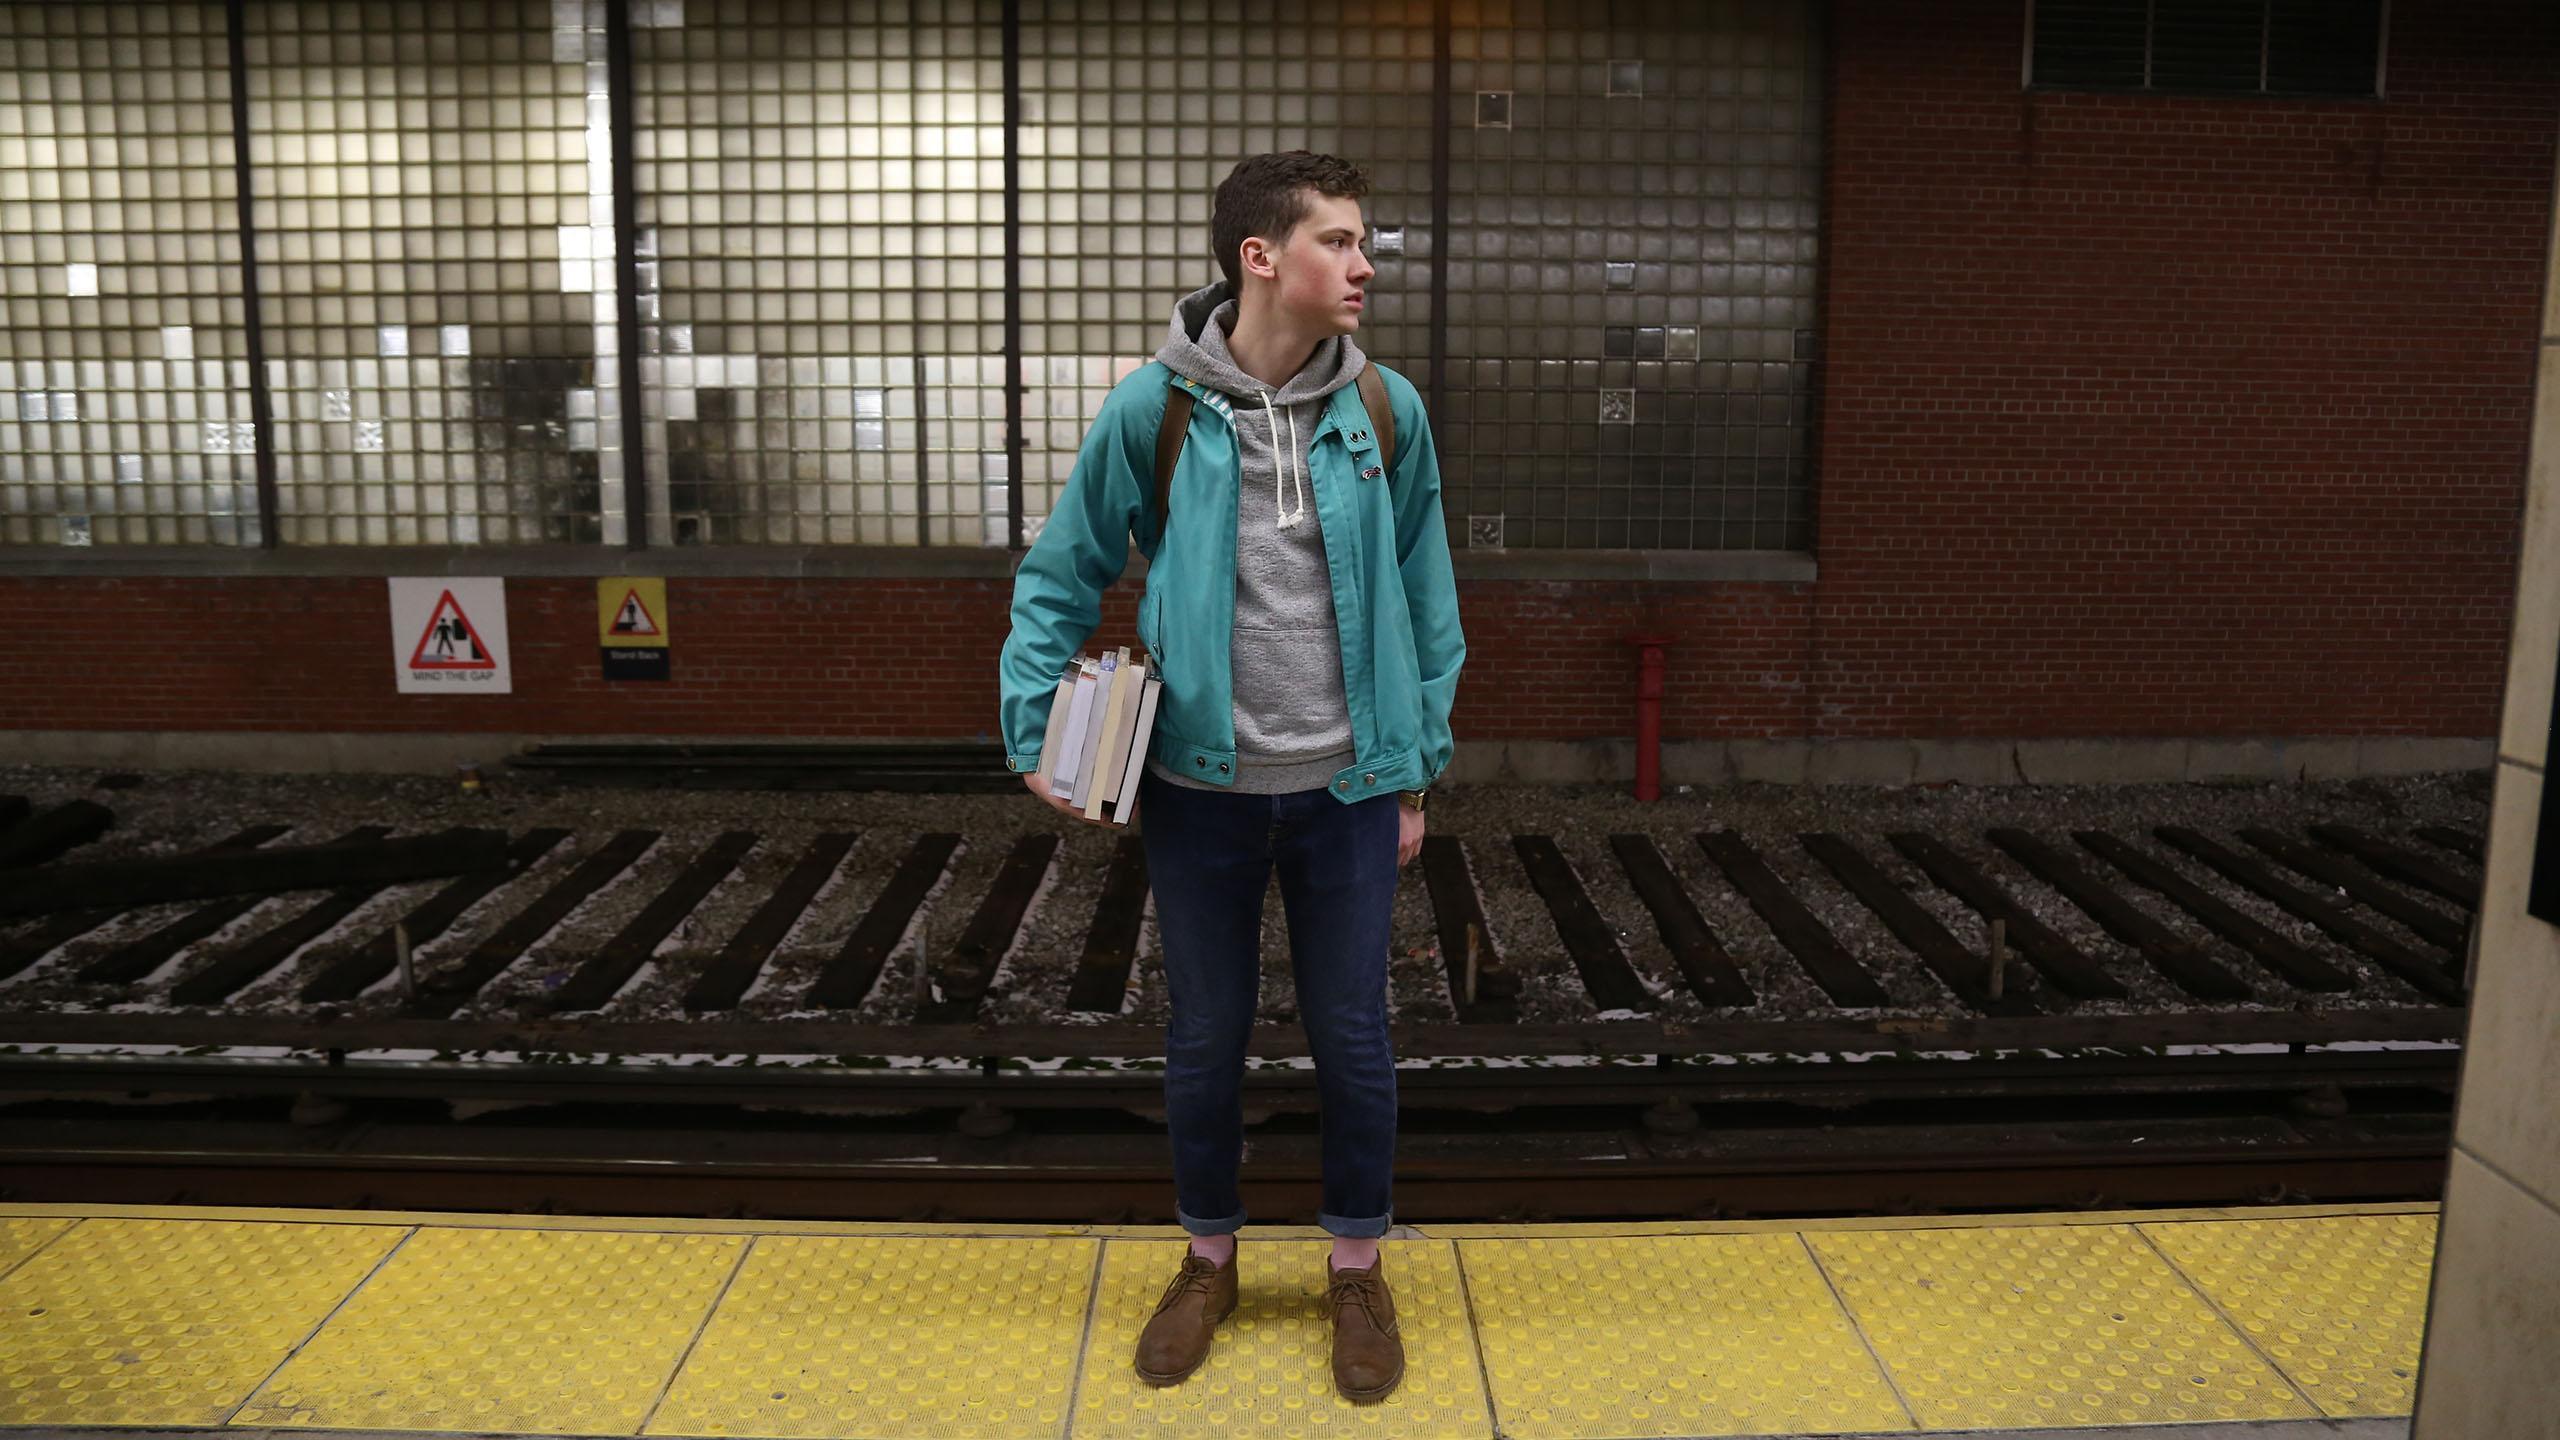 A student commuter stands on a platform